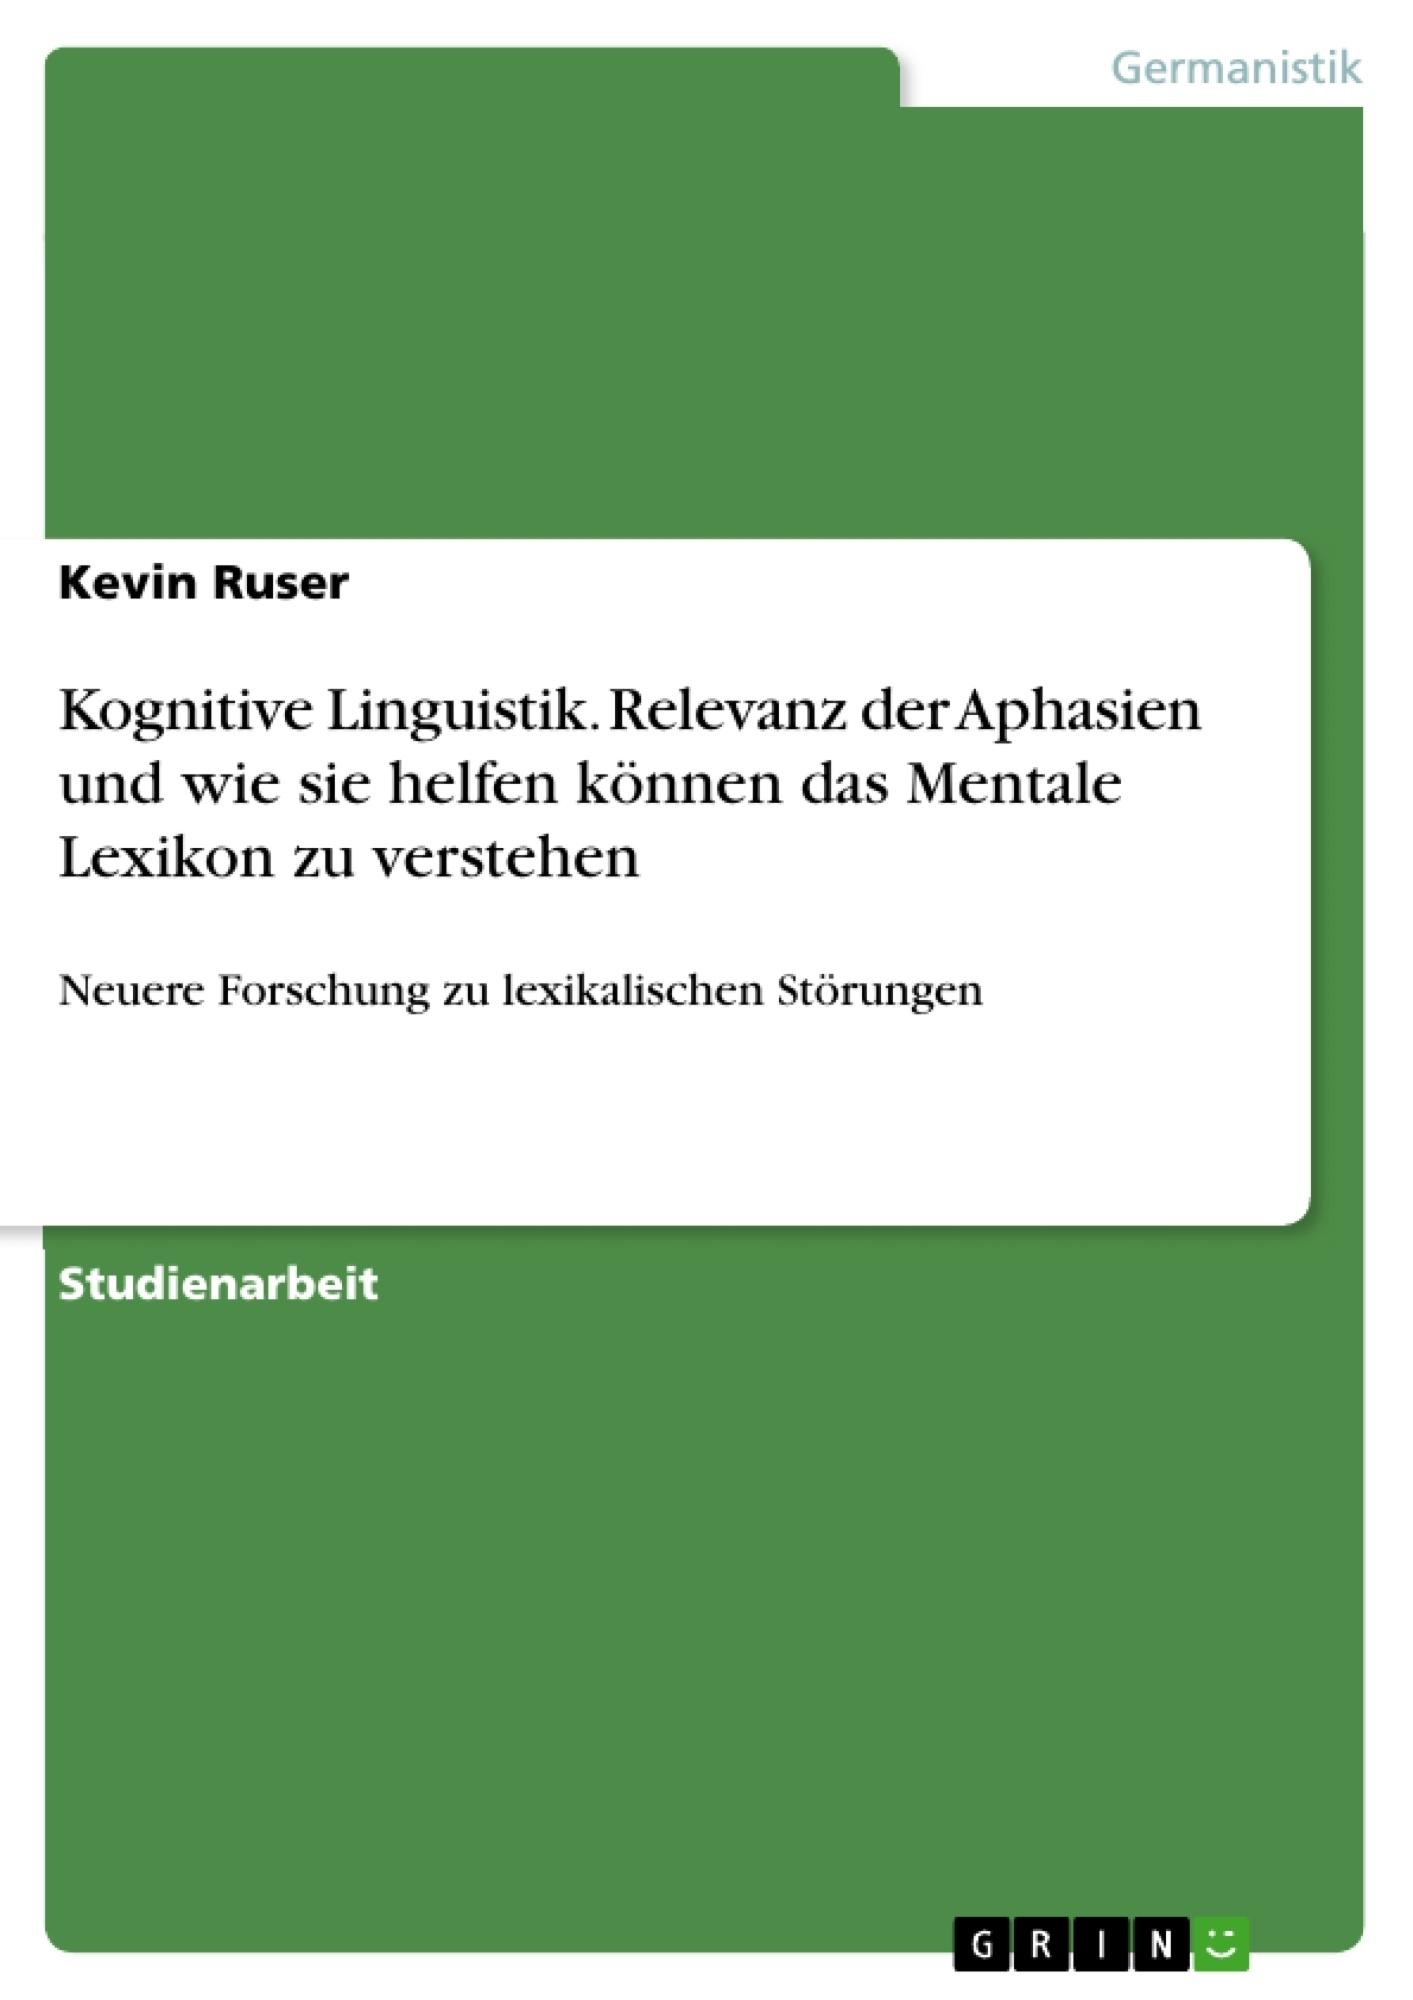 Titel: Kognitive Linguistik. Relevanz der Aphasien und wie sie helfen können das Mentale Lexikon zu verstehen